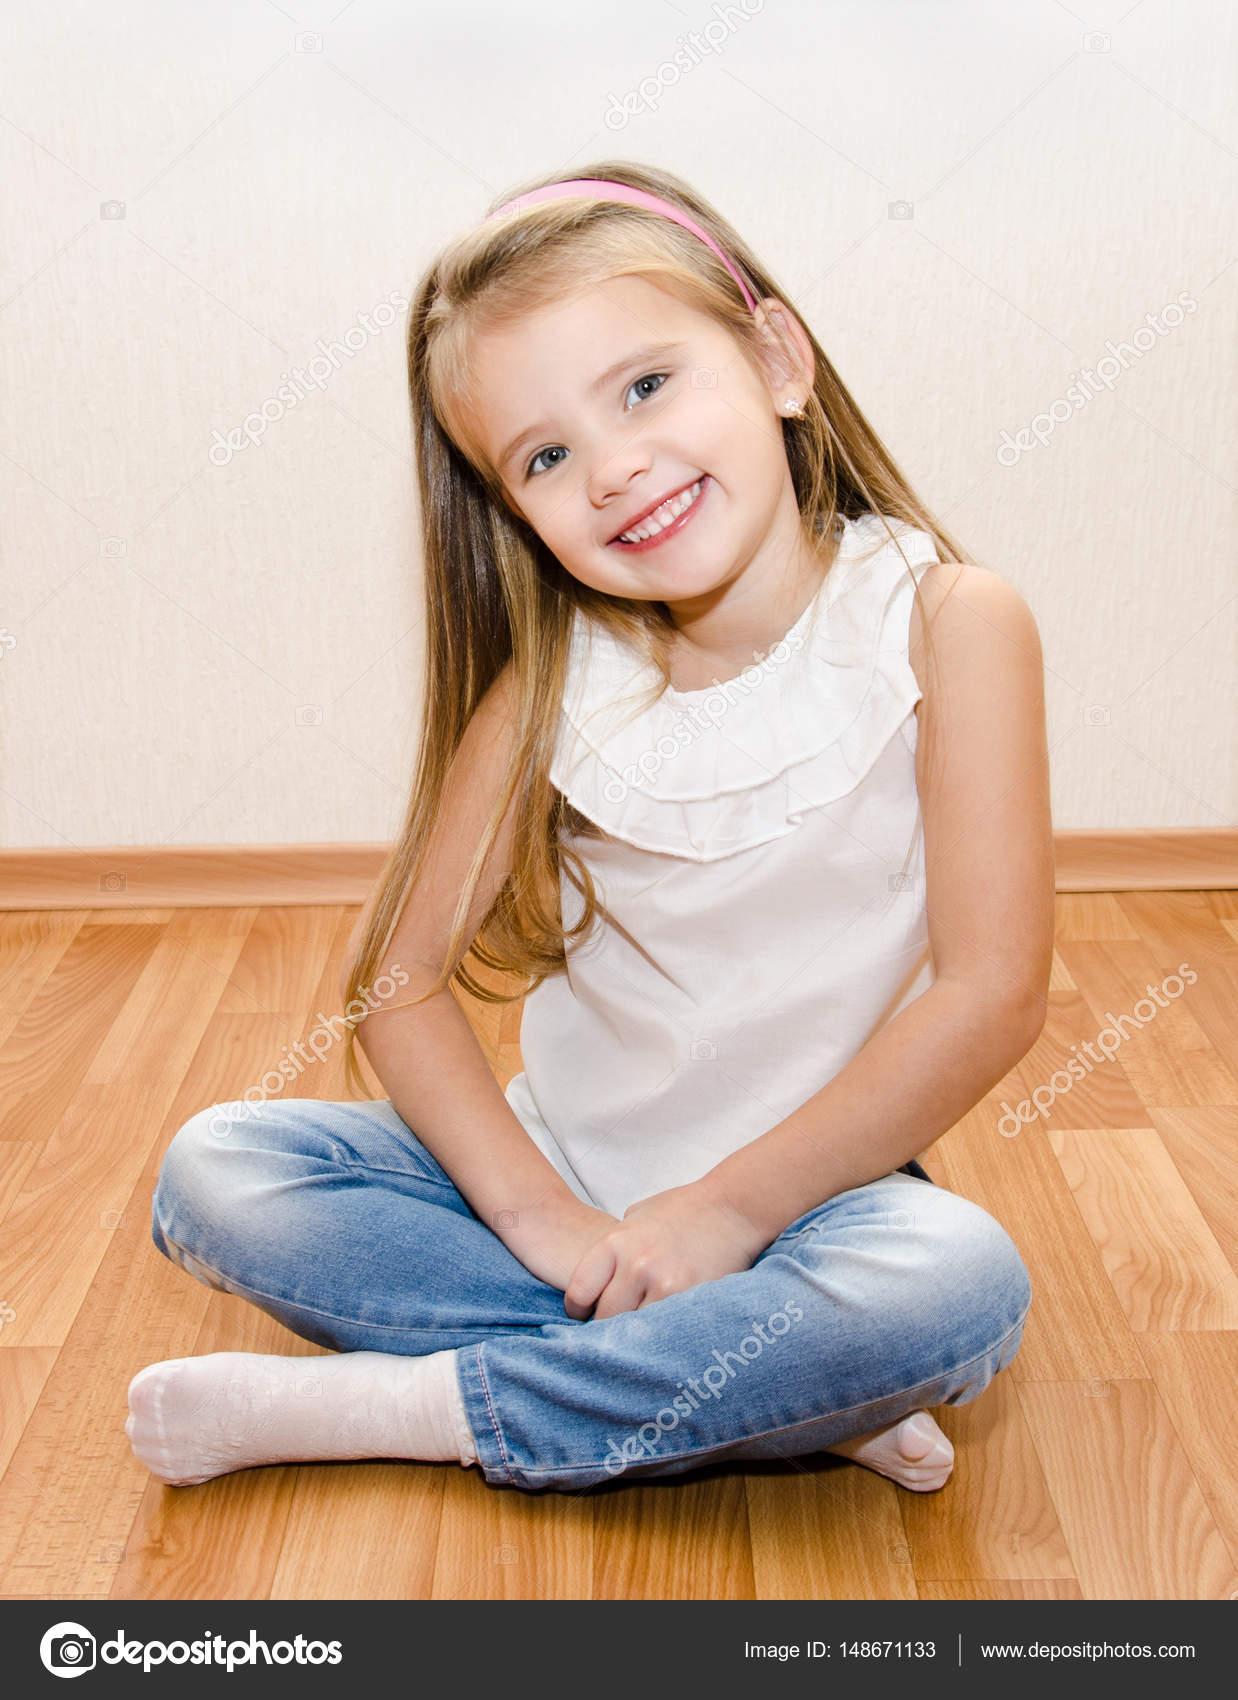 Smiling Cute Little Girl Sitting On Floor